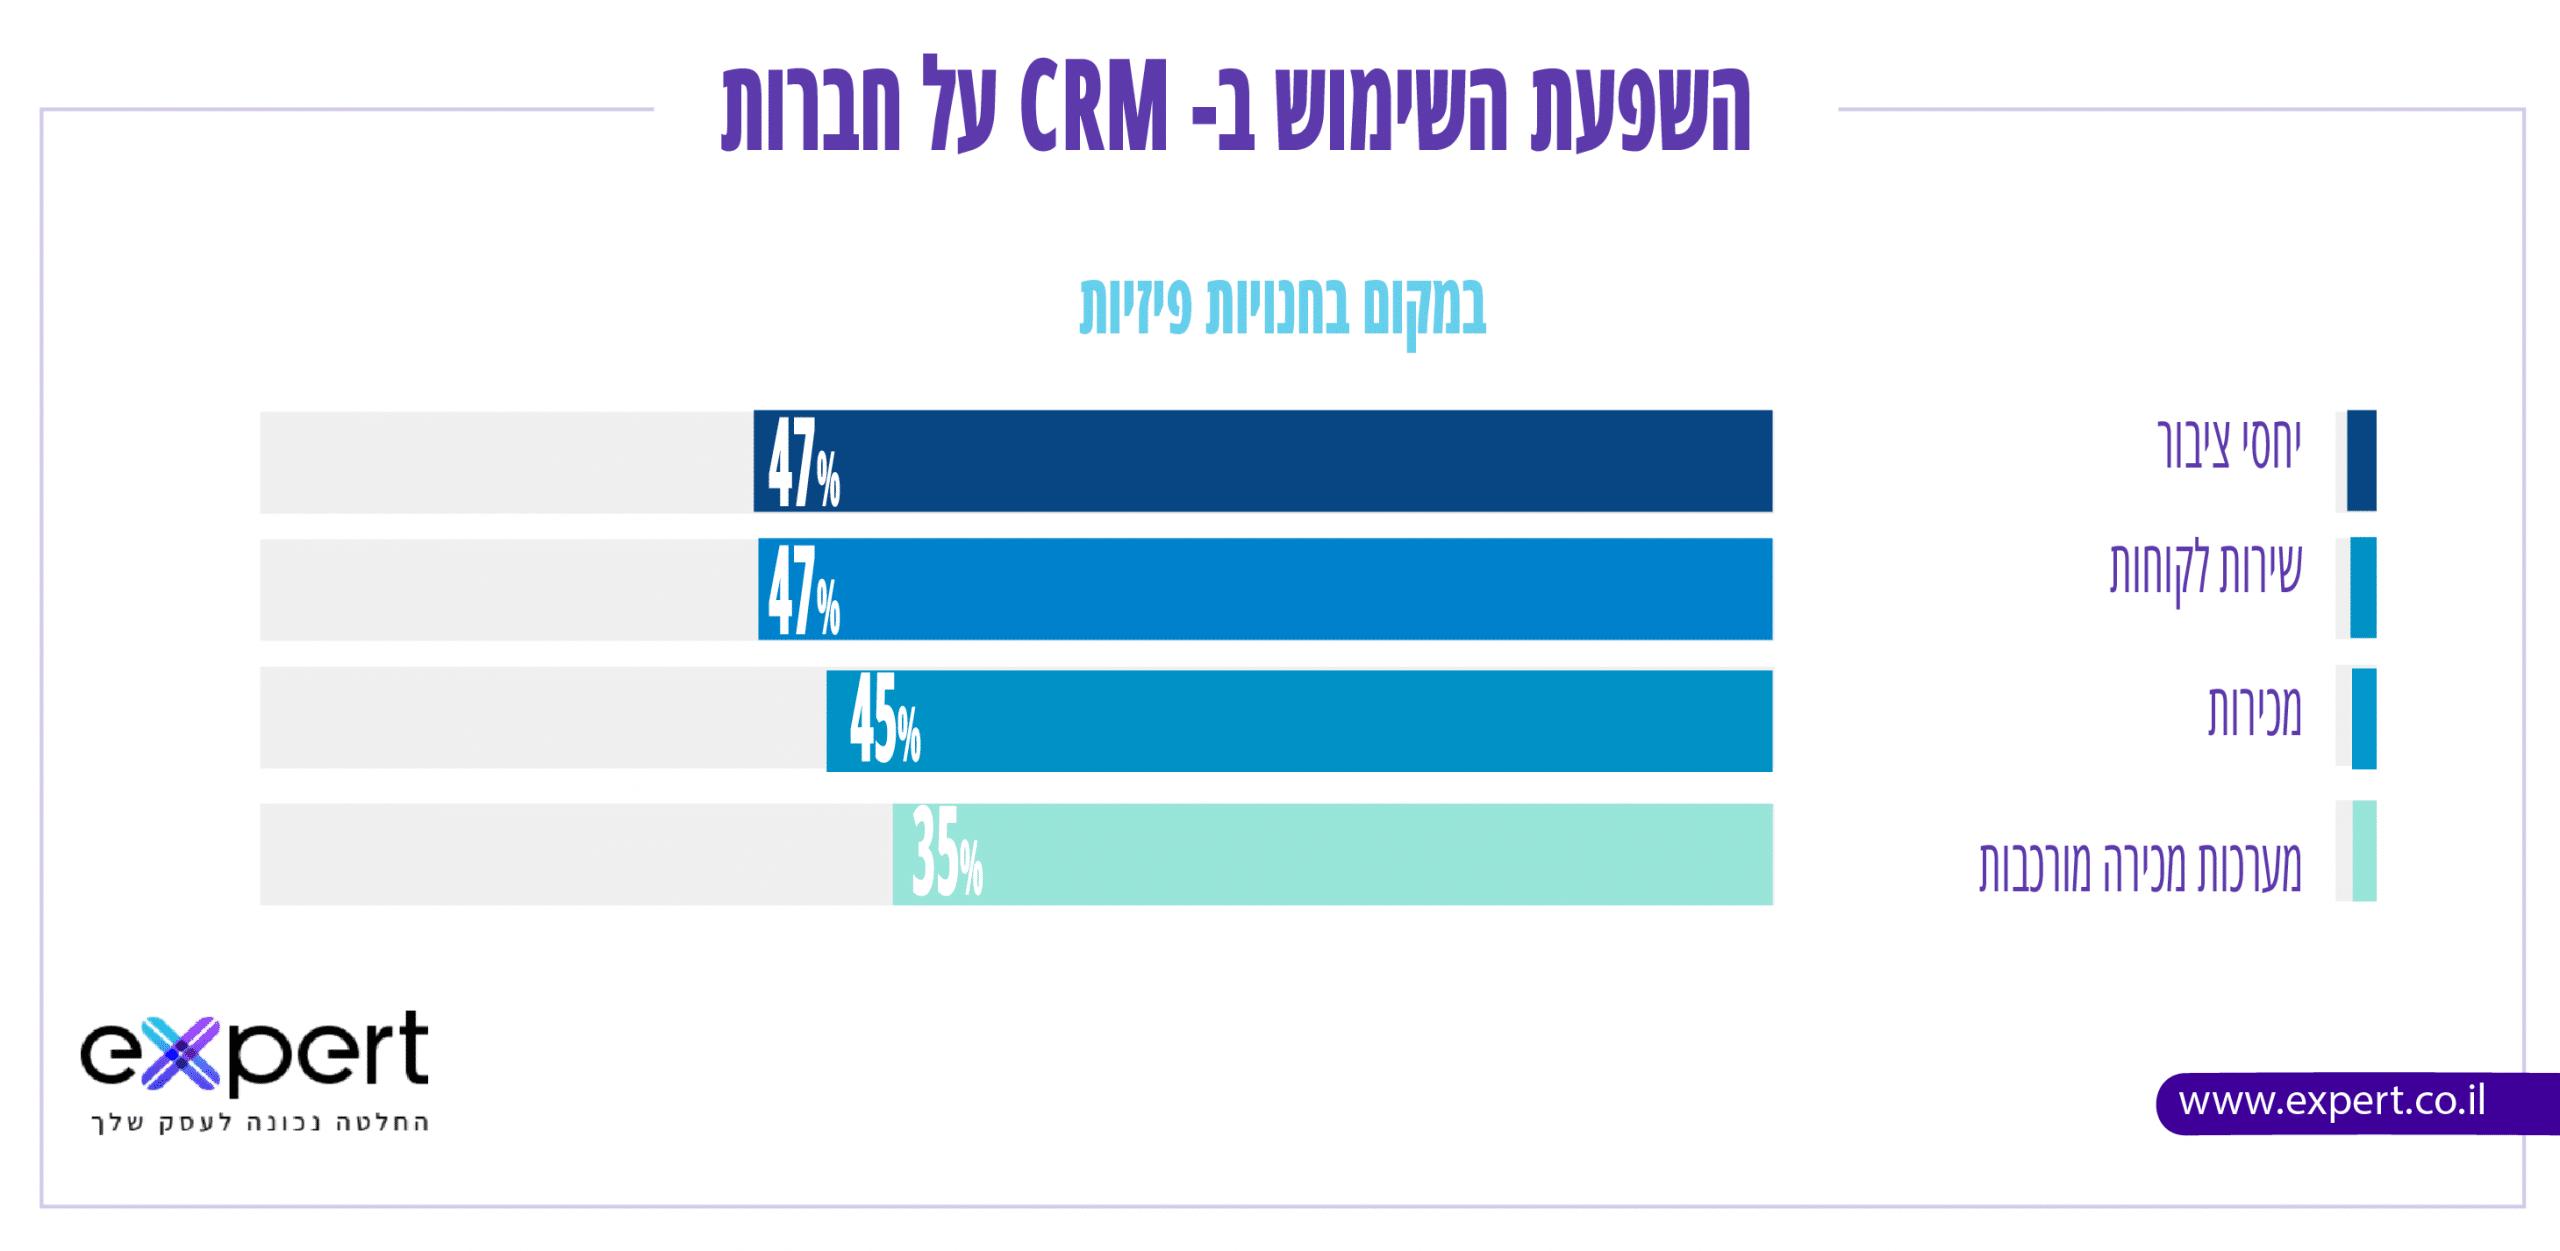 השפעה של מערכת CRM